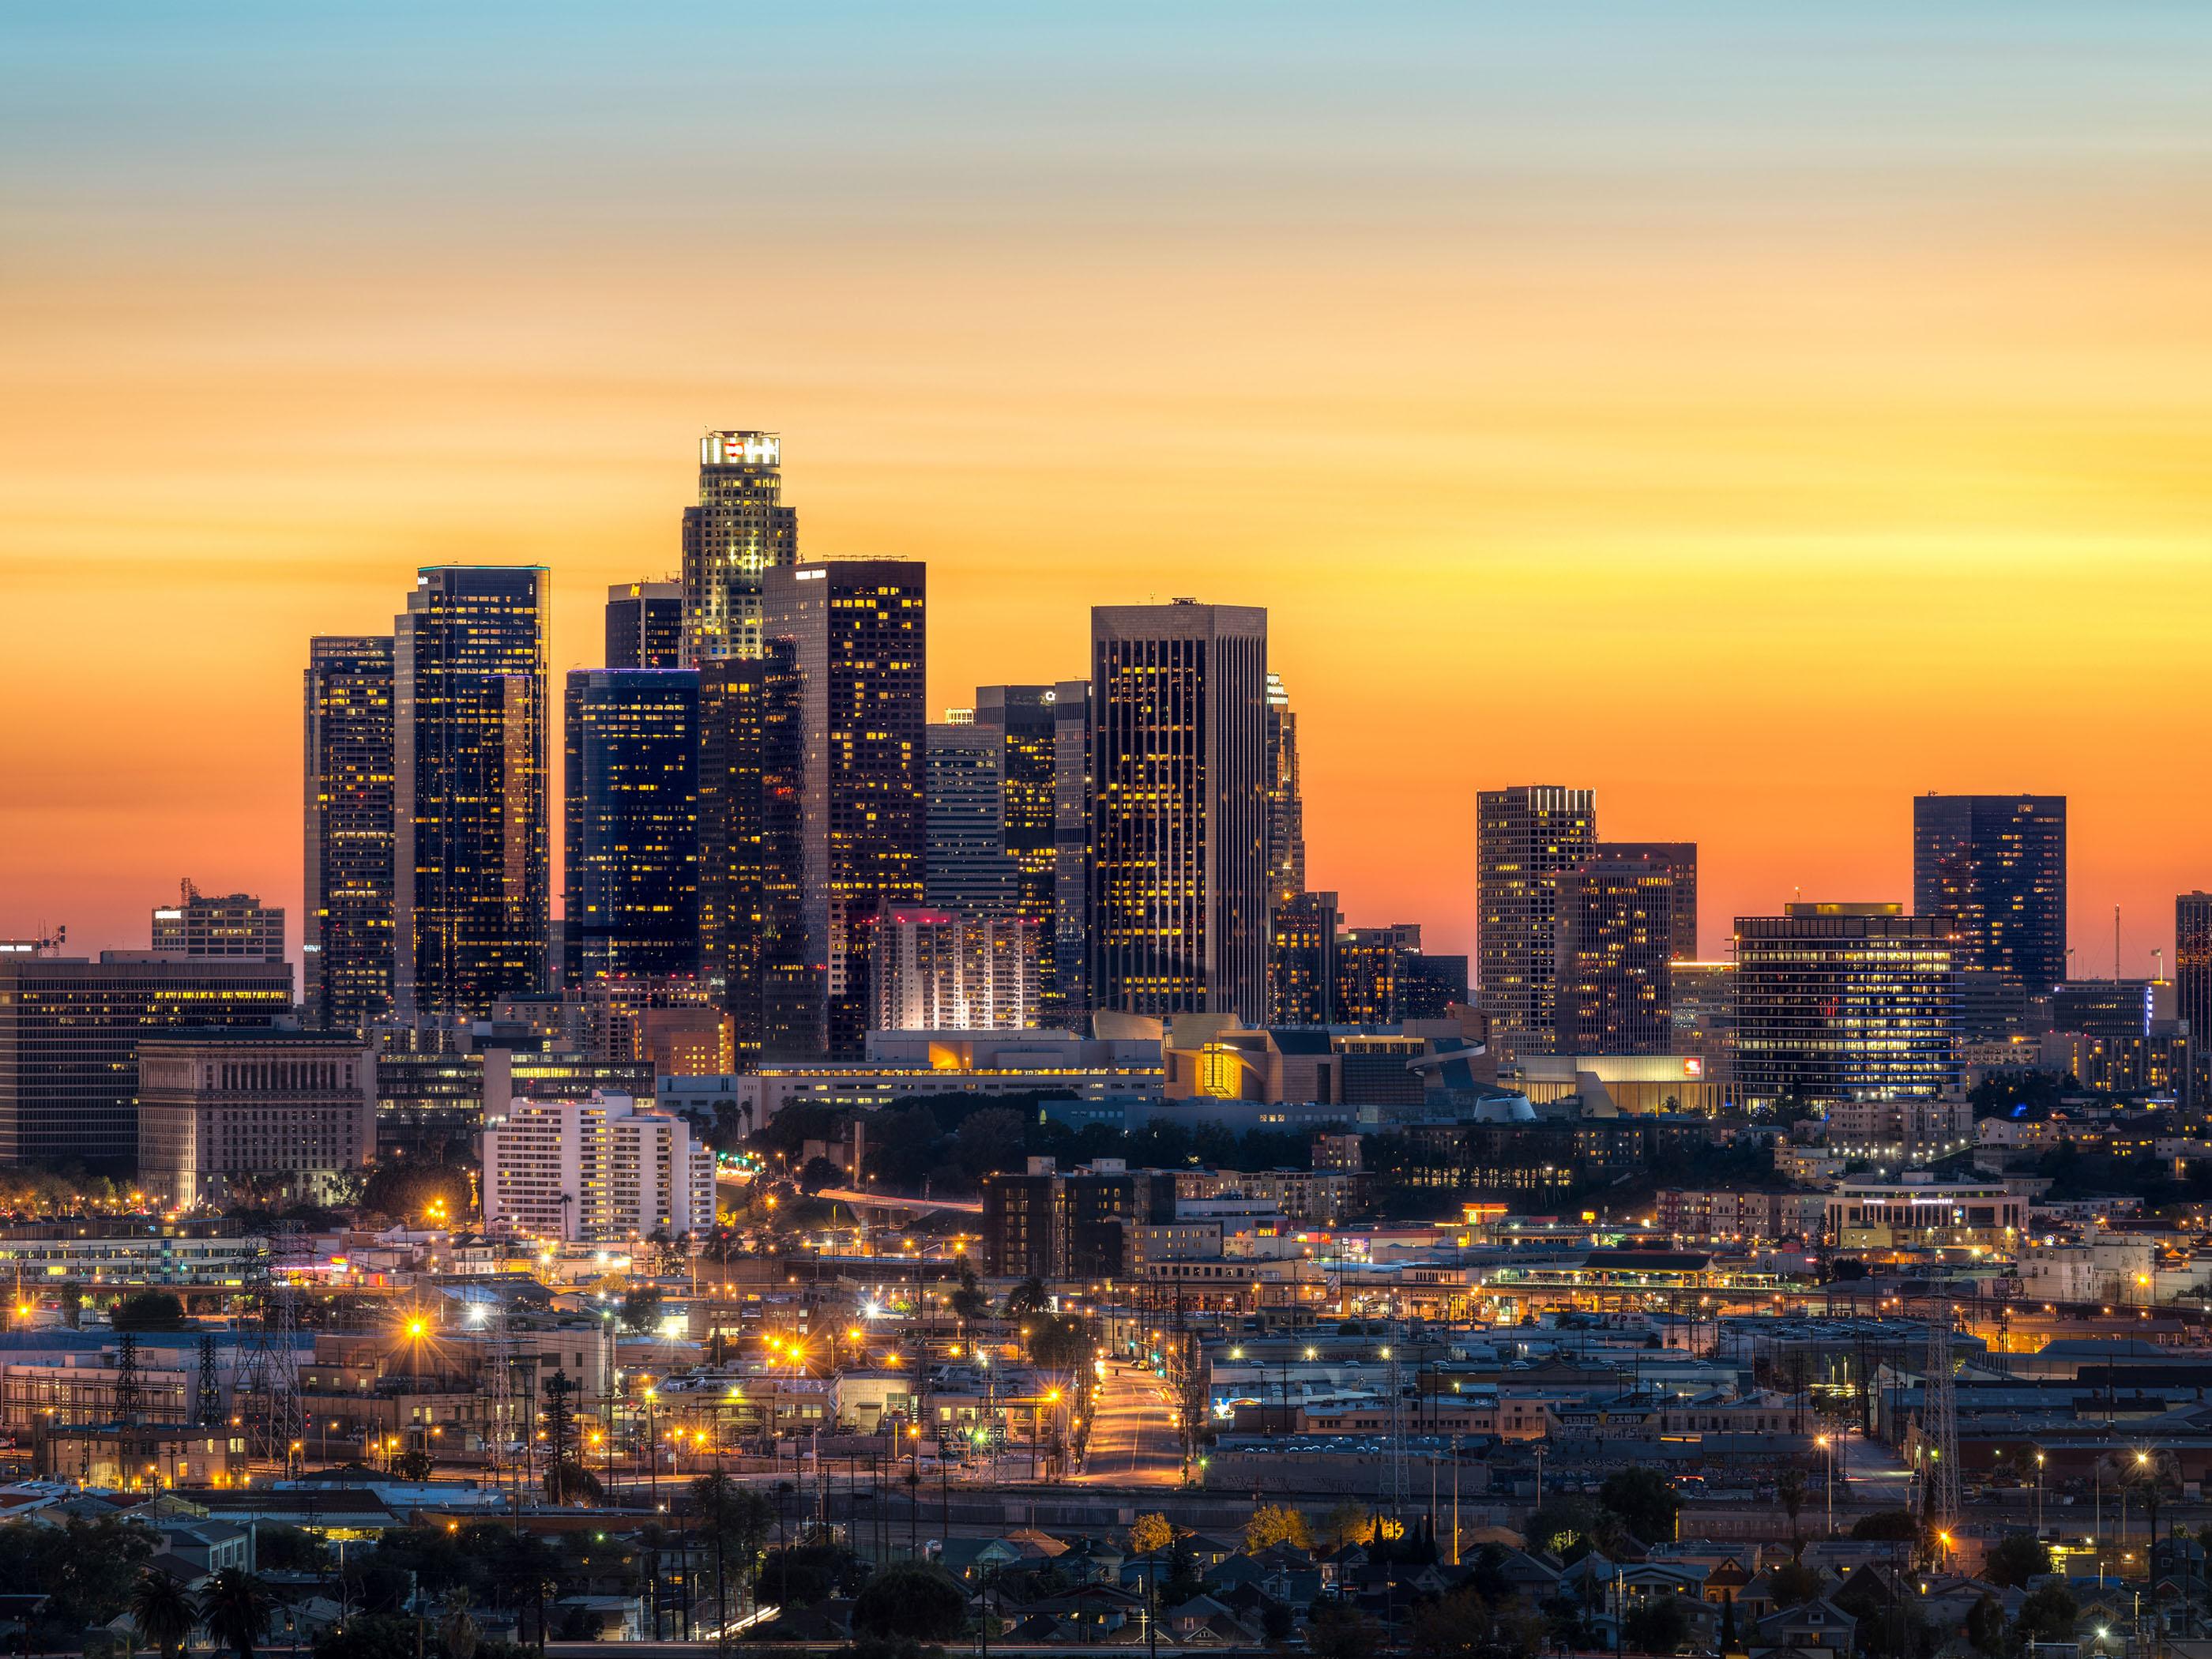 la-skyline-7.jpg